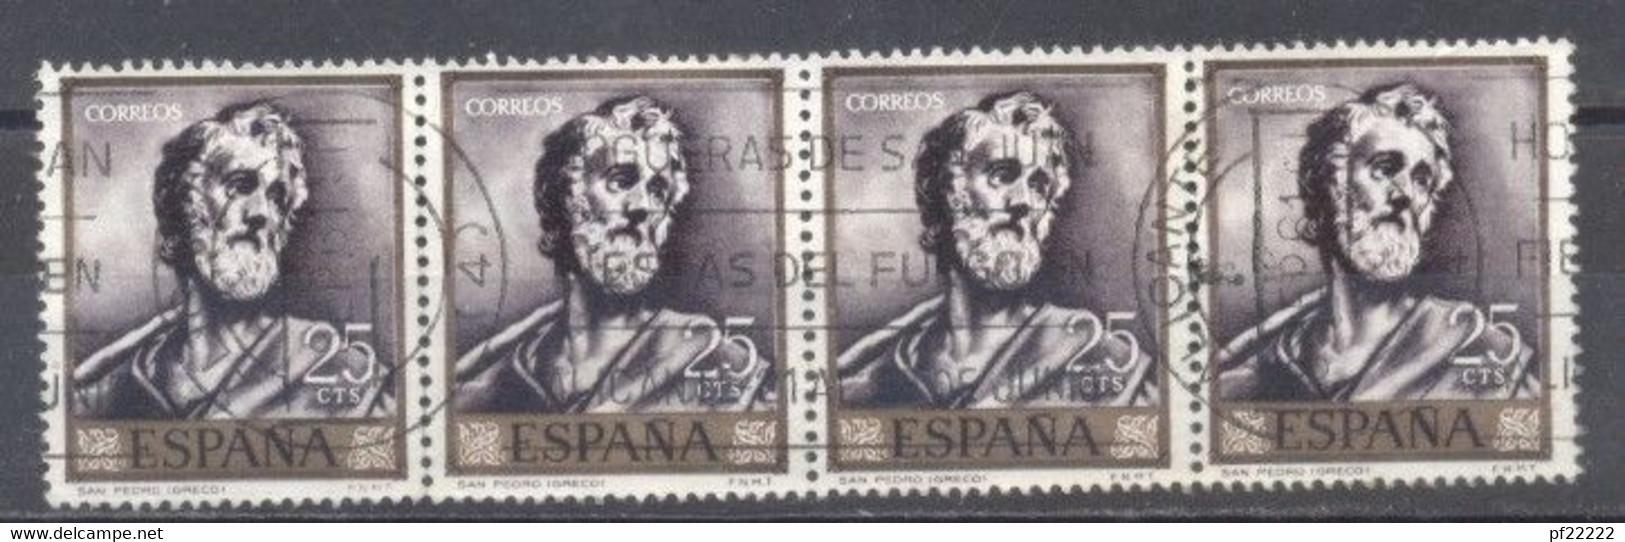 España, 1961,usado, Edifil 1330, Pinturas De El Greco - 1961-70 Used